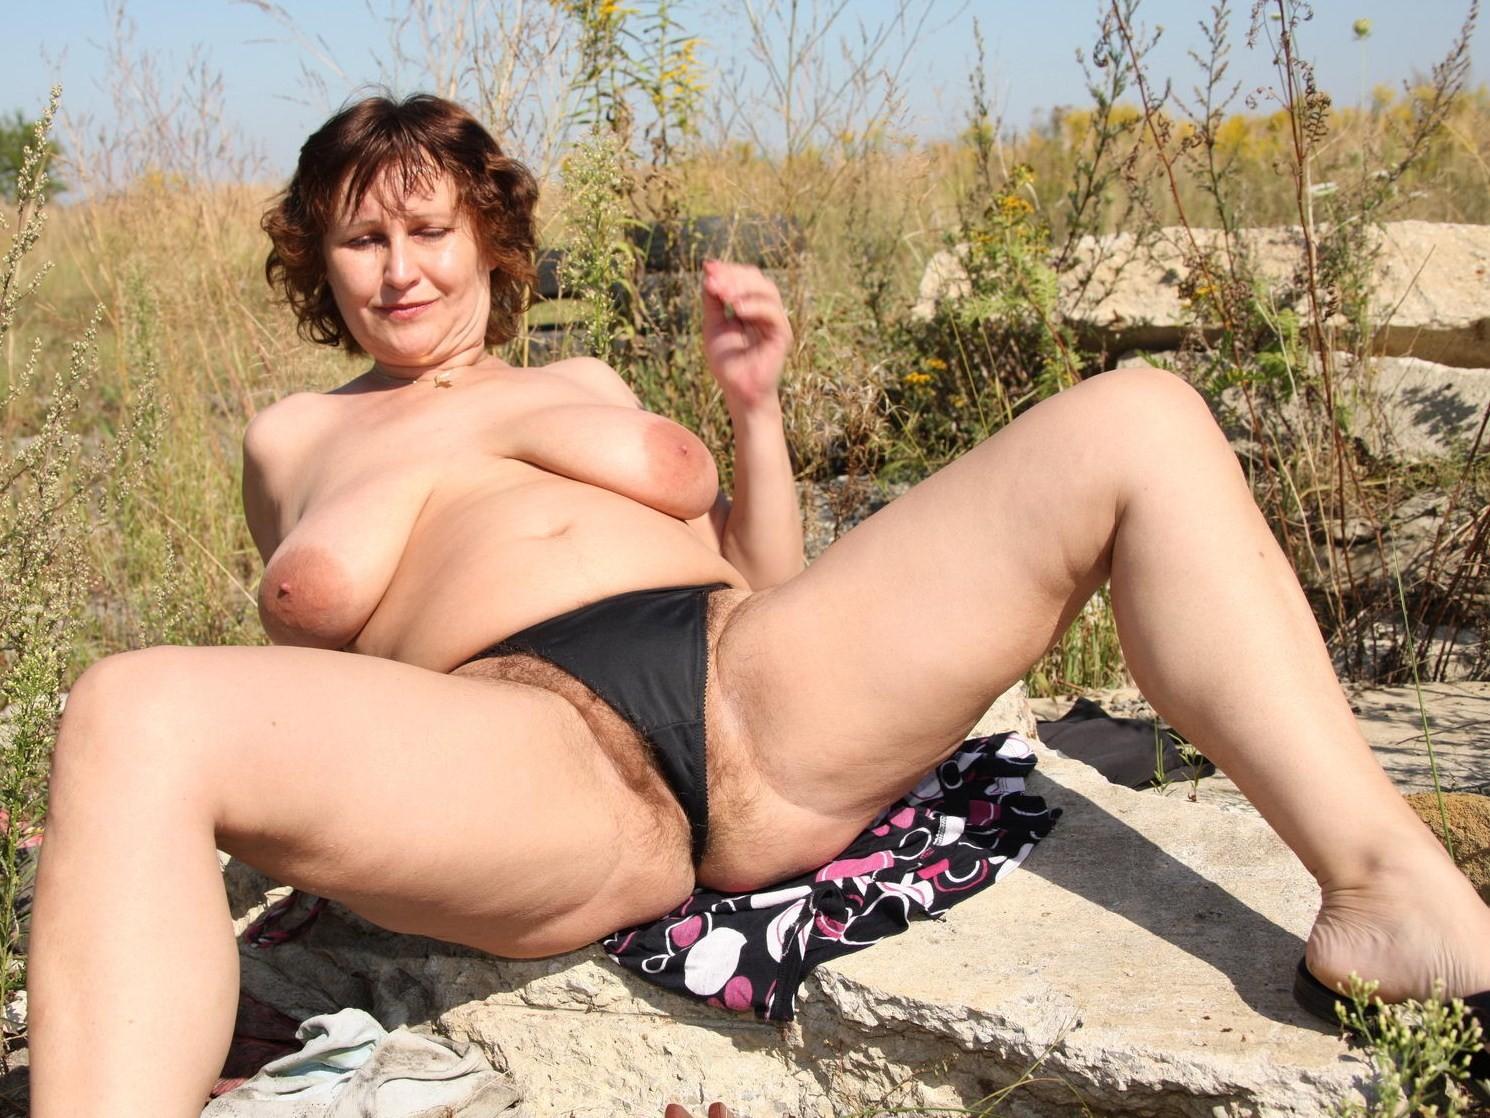 geile bikini ruige sex